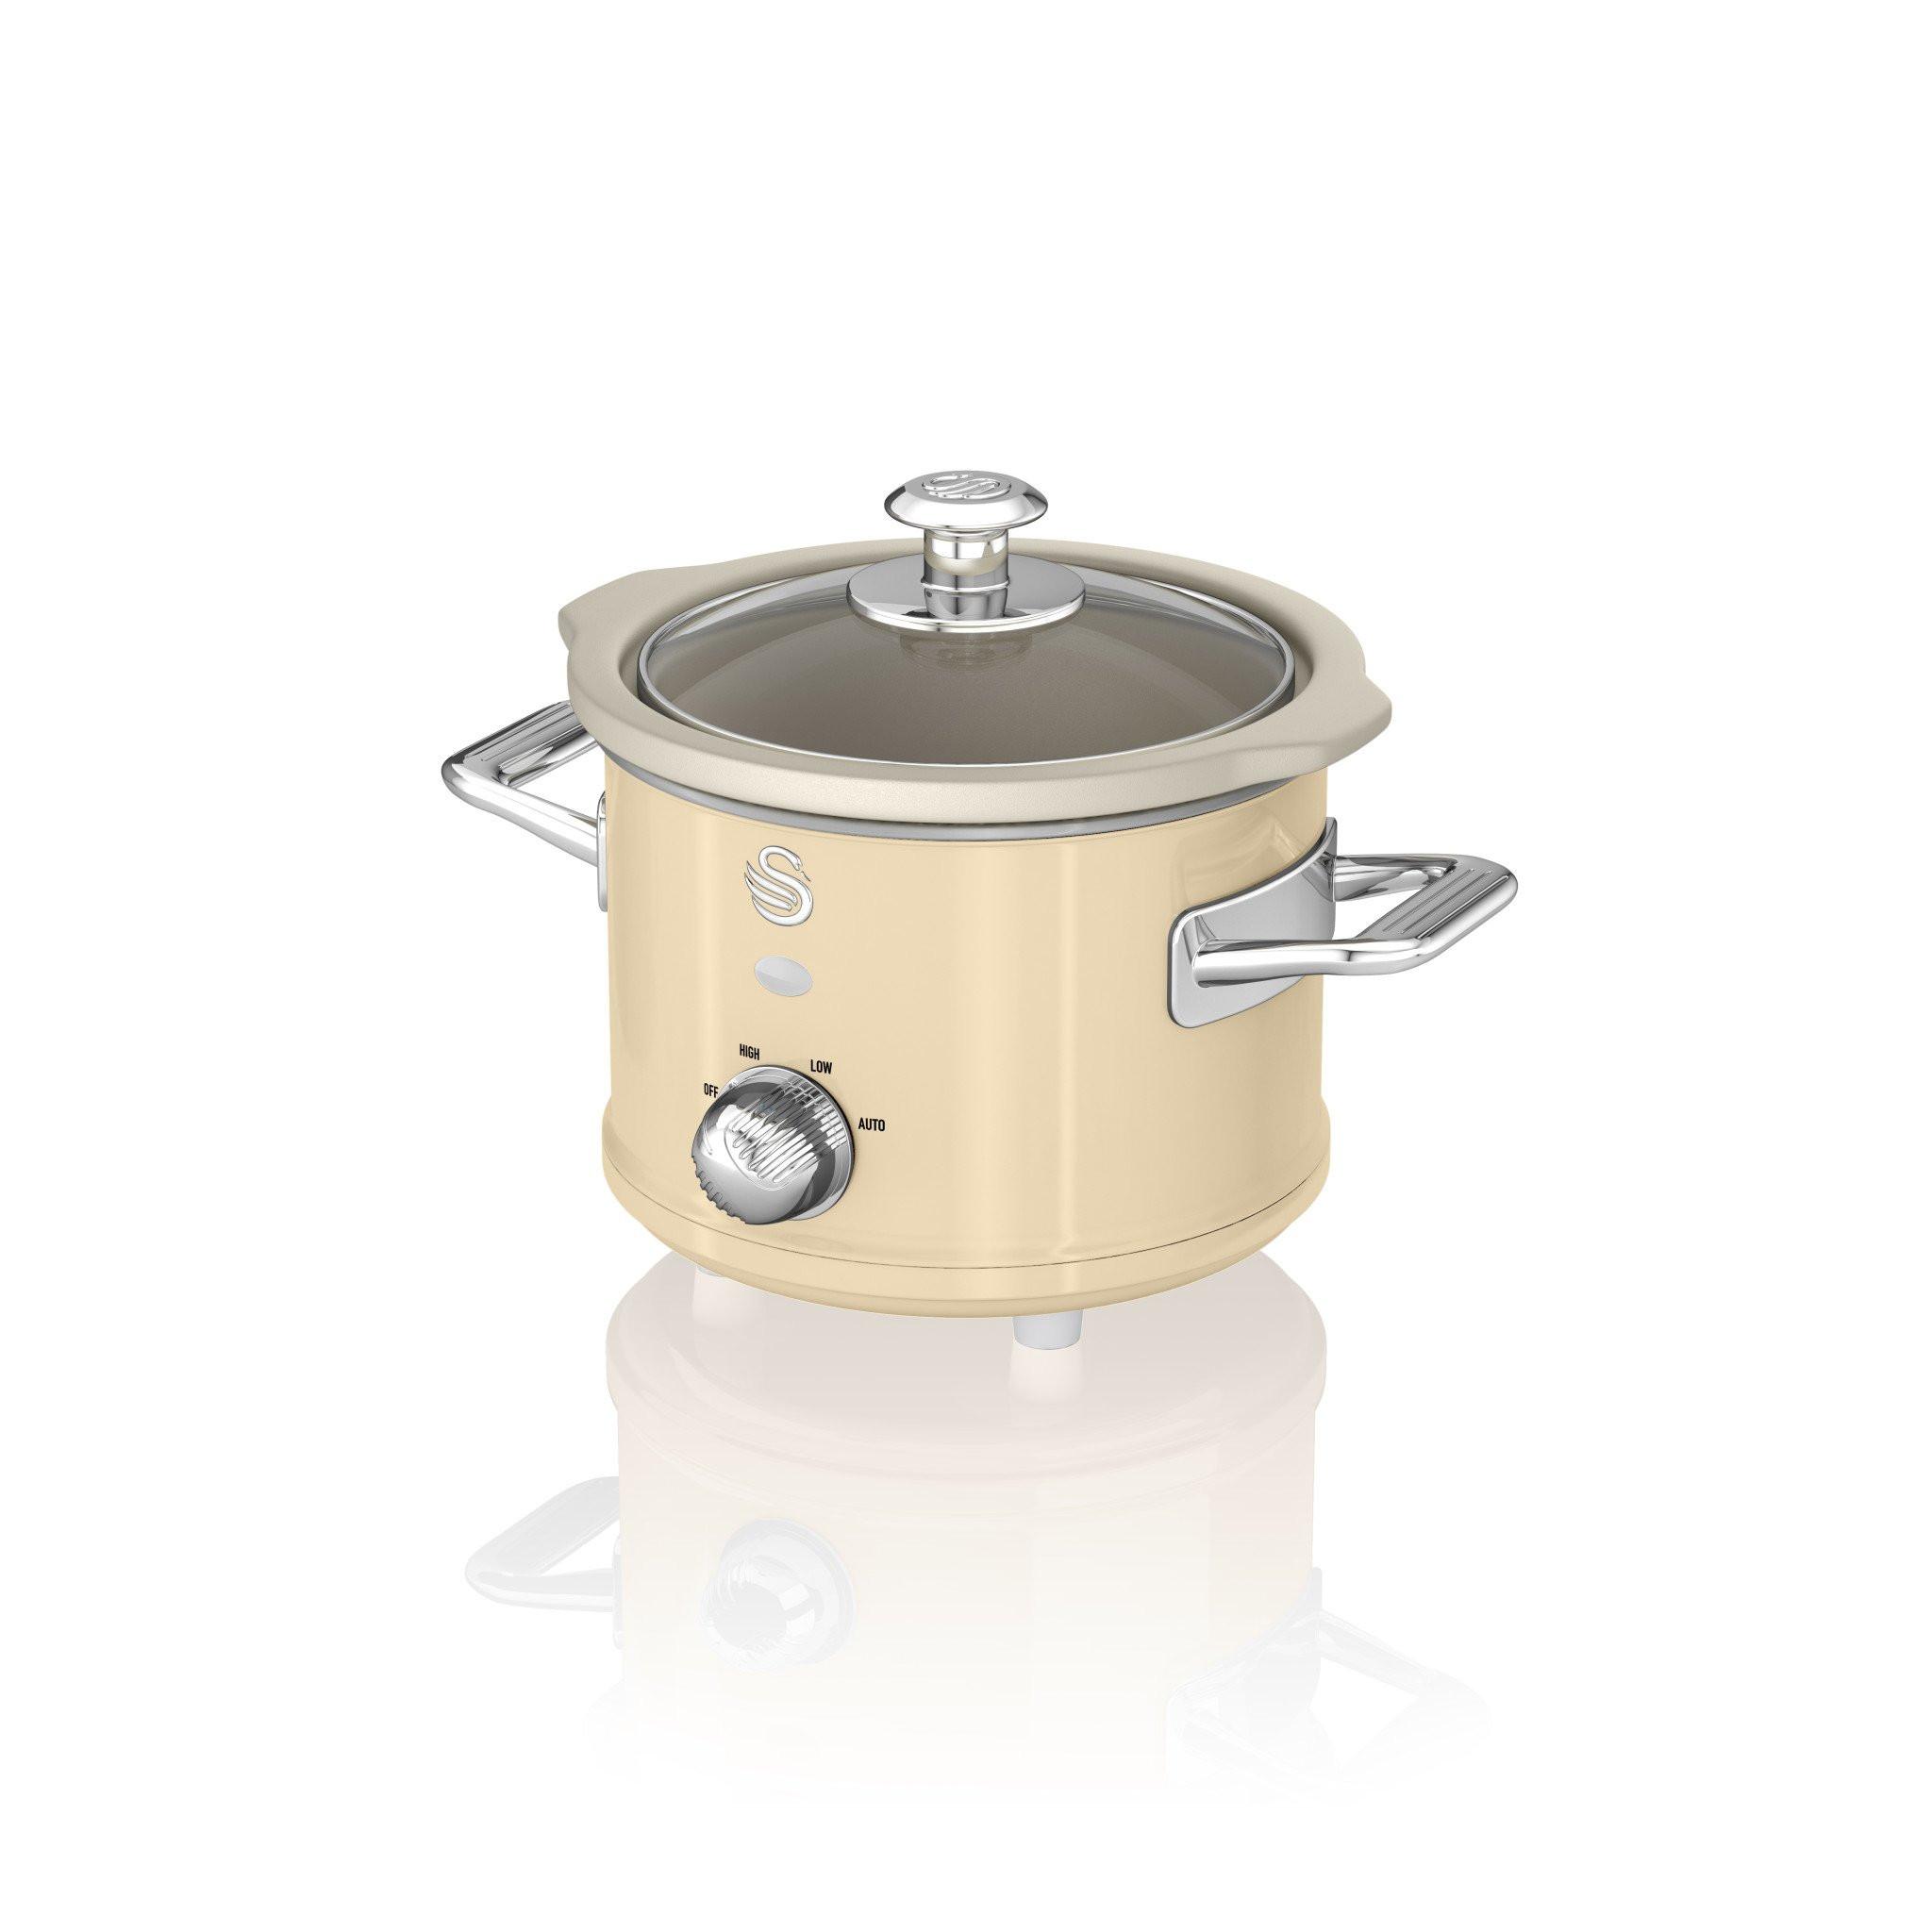 Swan SF17011CN Retro Olla de cocción lenta 1,5 litros, recipiente extraible con antiadherente cerámica libre PFOA y PTFE, 3 niveles temperatura, tapa vidrio, Slow Cooker con diseño vintage Crema, 120W